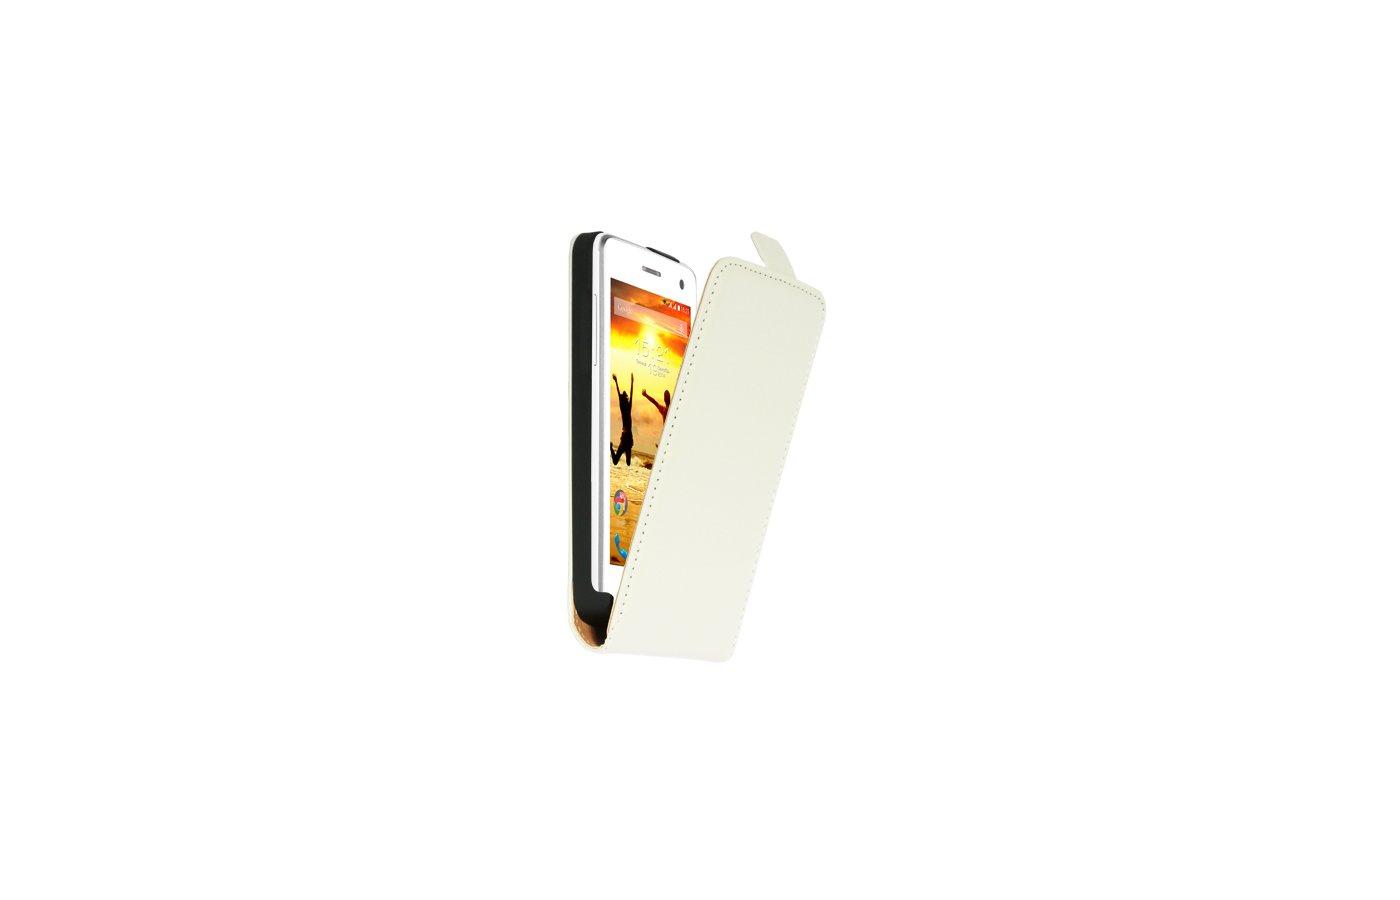 Чехол Nobby Comfort для FLY IQ4490i Era Nano 10 PU молочный